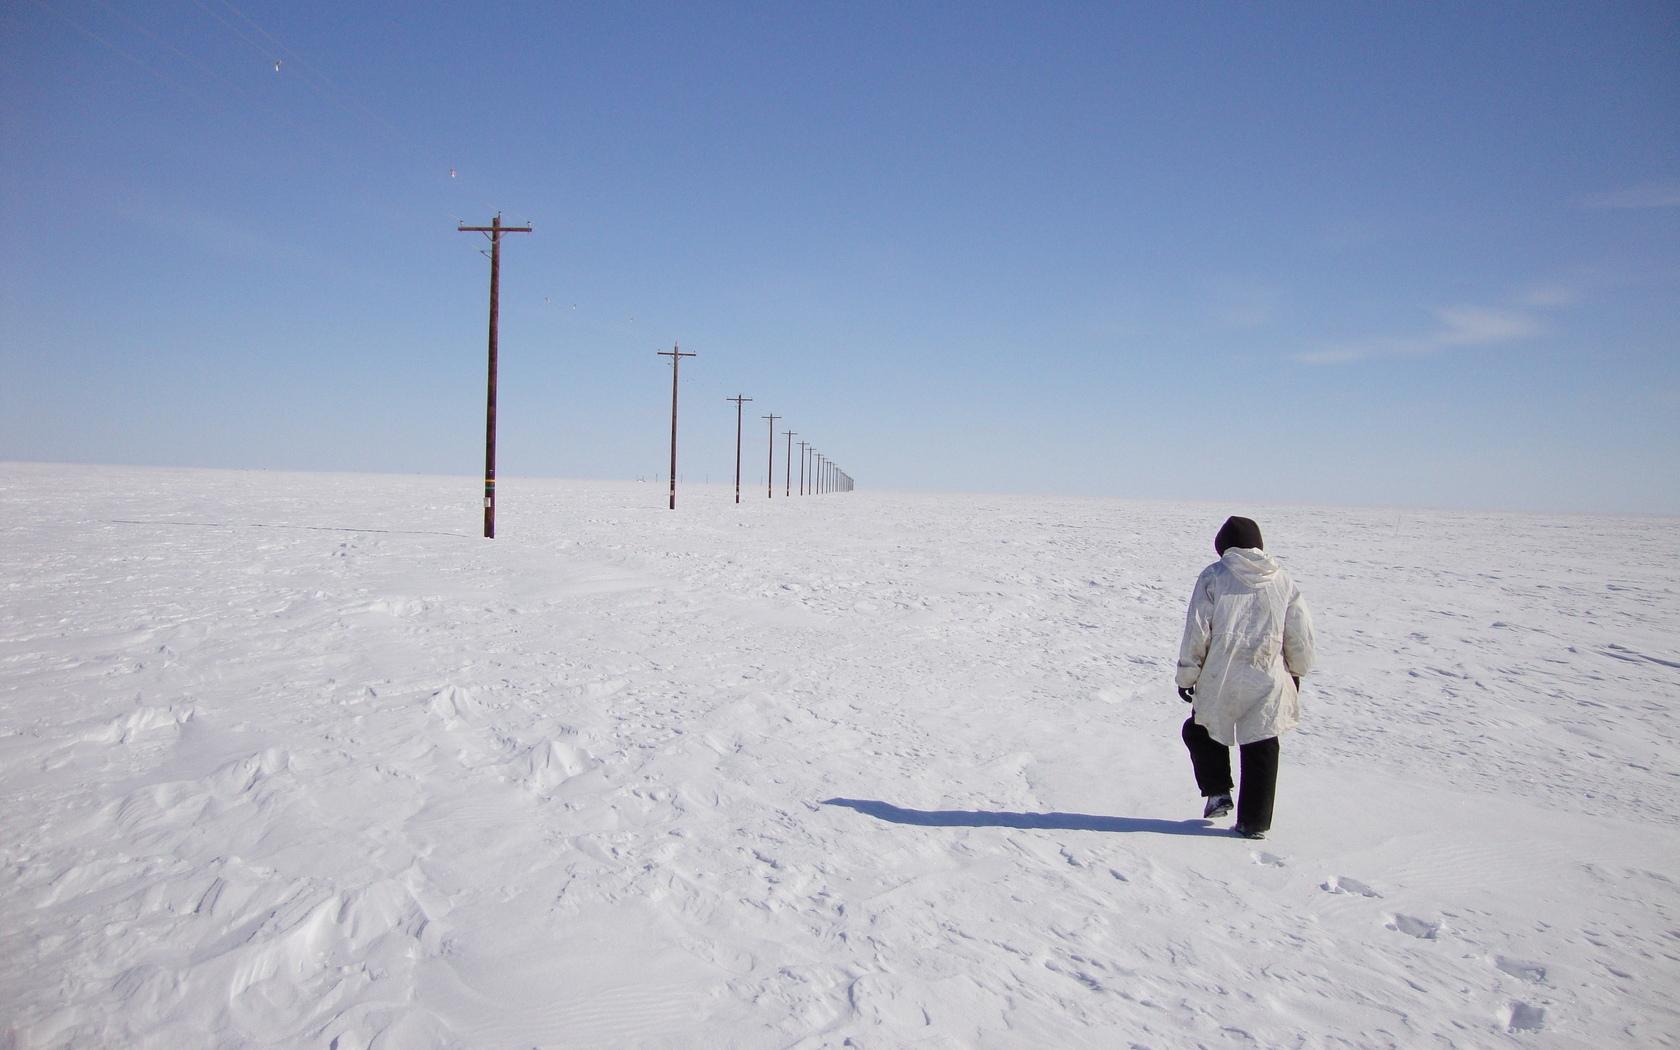 человек идущий по снегу картинки собрали специальный совет